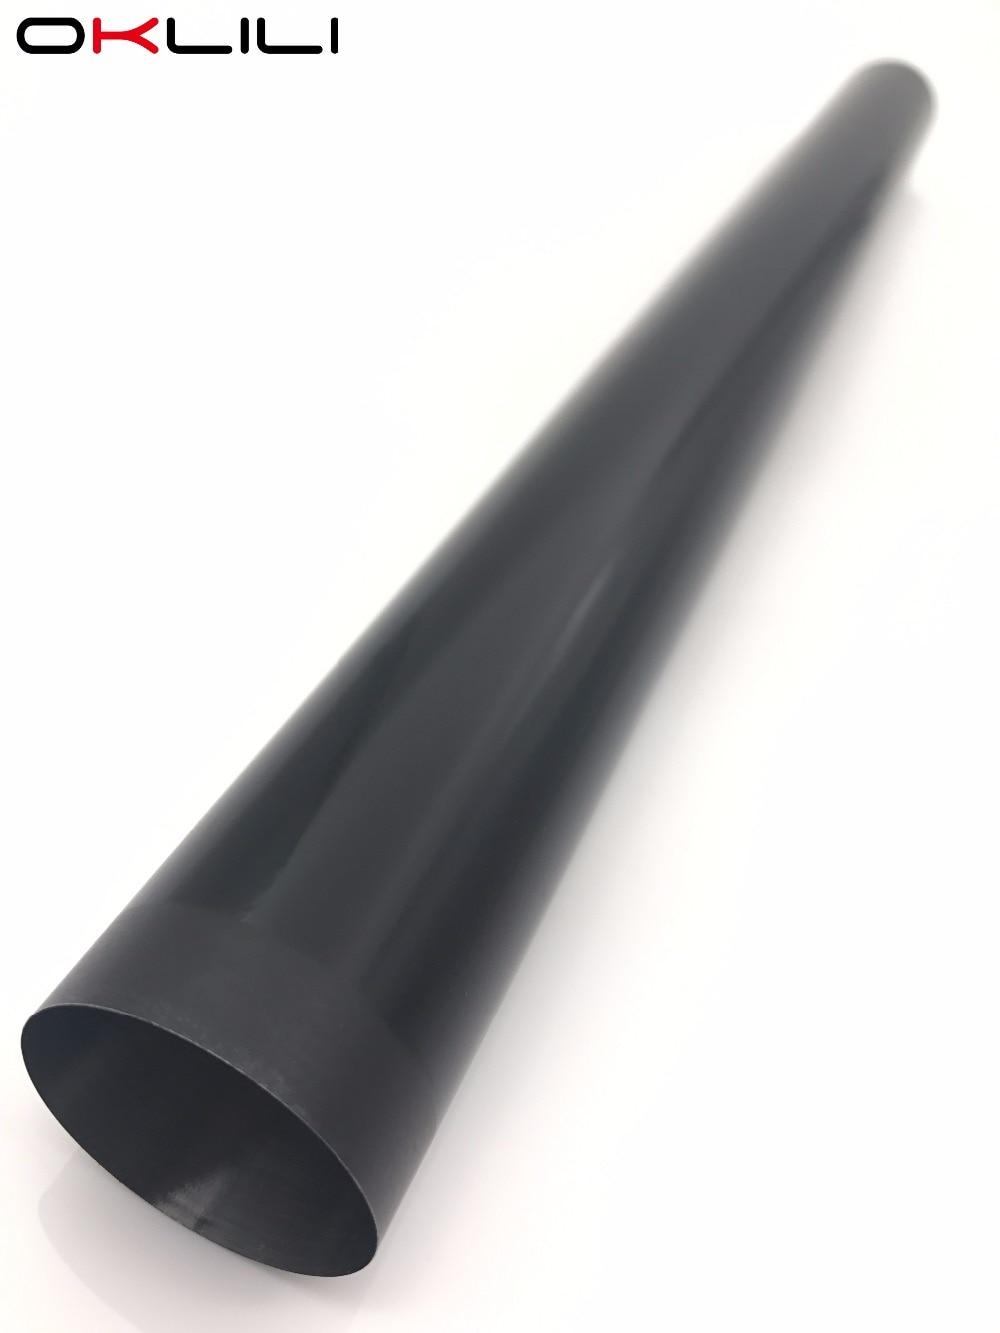 5PC X Fuser Fixing Film Sleeve for Ricoh MP C3002 C3502 C4502 C5502 C6002 SP C830